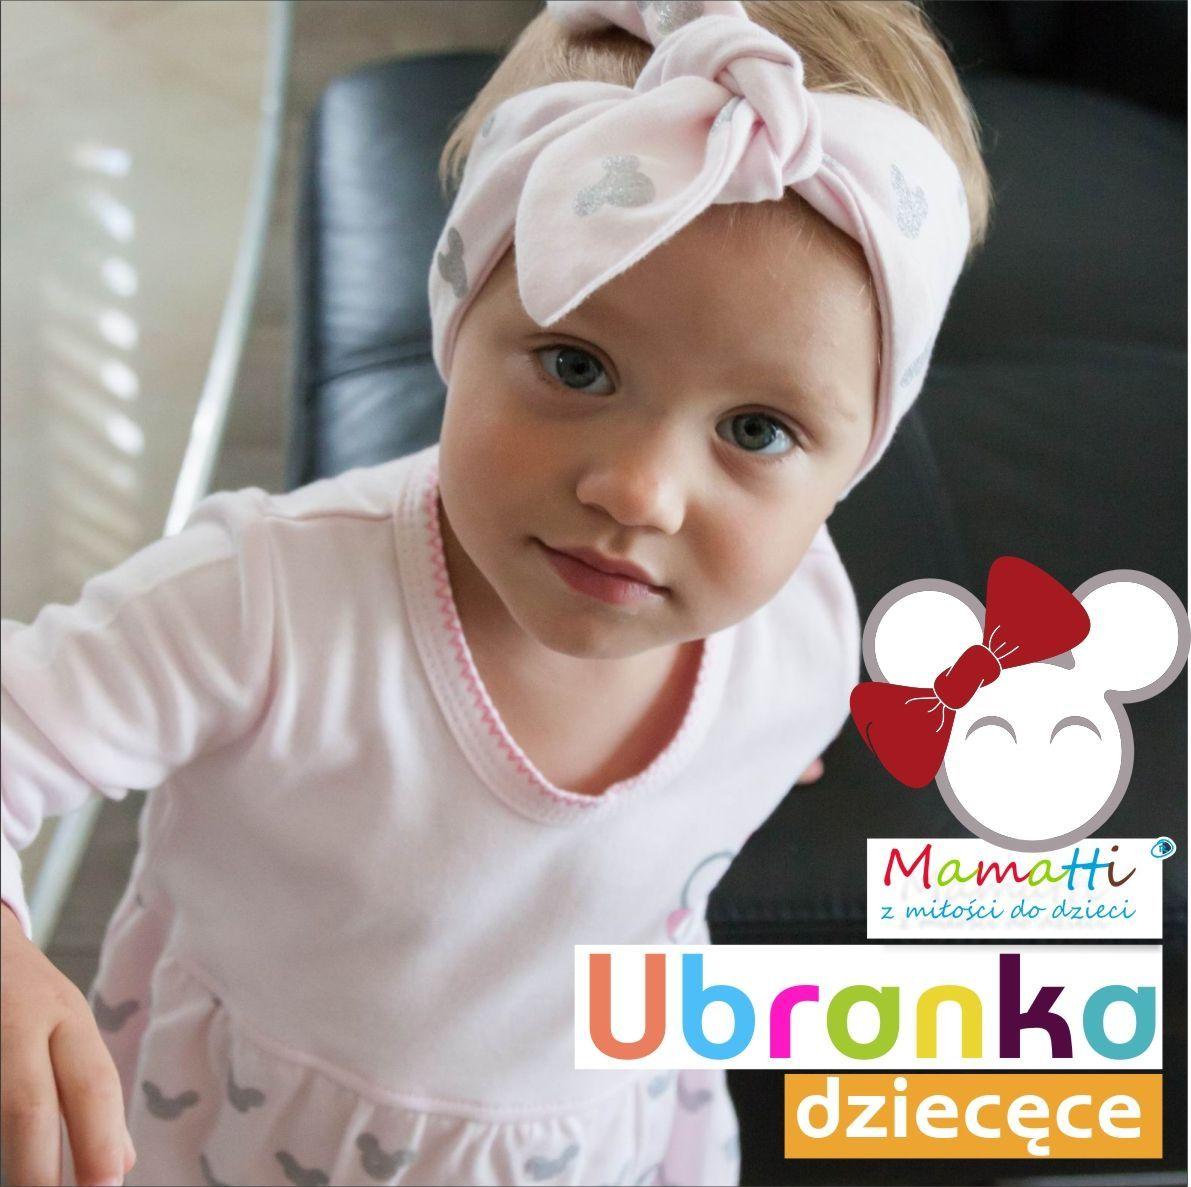 b73651f1be0adc Mamatti sklep internetowy z odzieżą dla dzieci, body, śpioszki, opaski,  ślinaki,